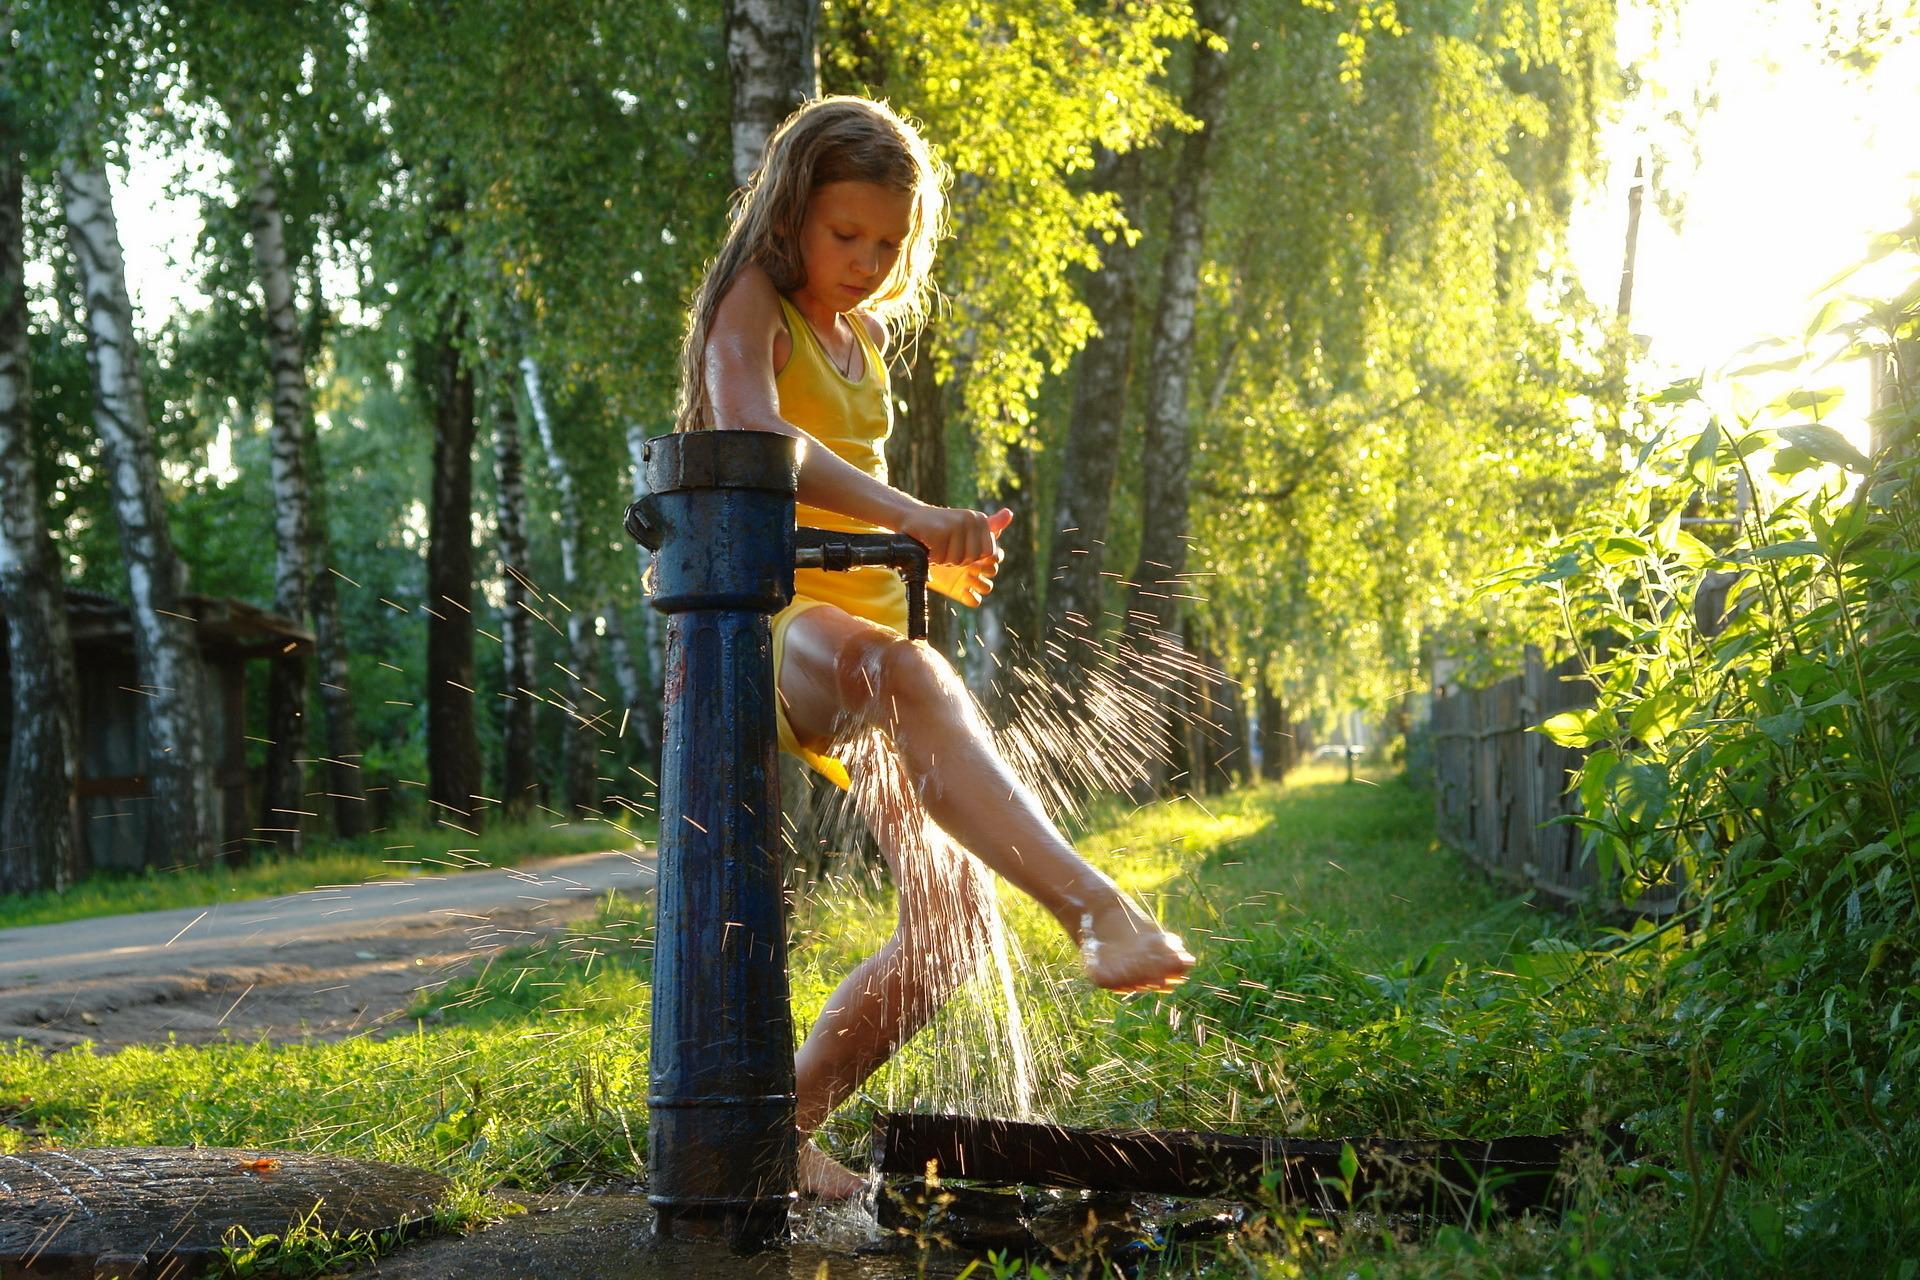 девушка писает в кустах скачать